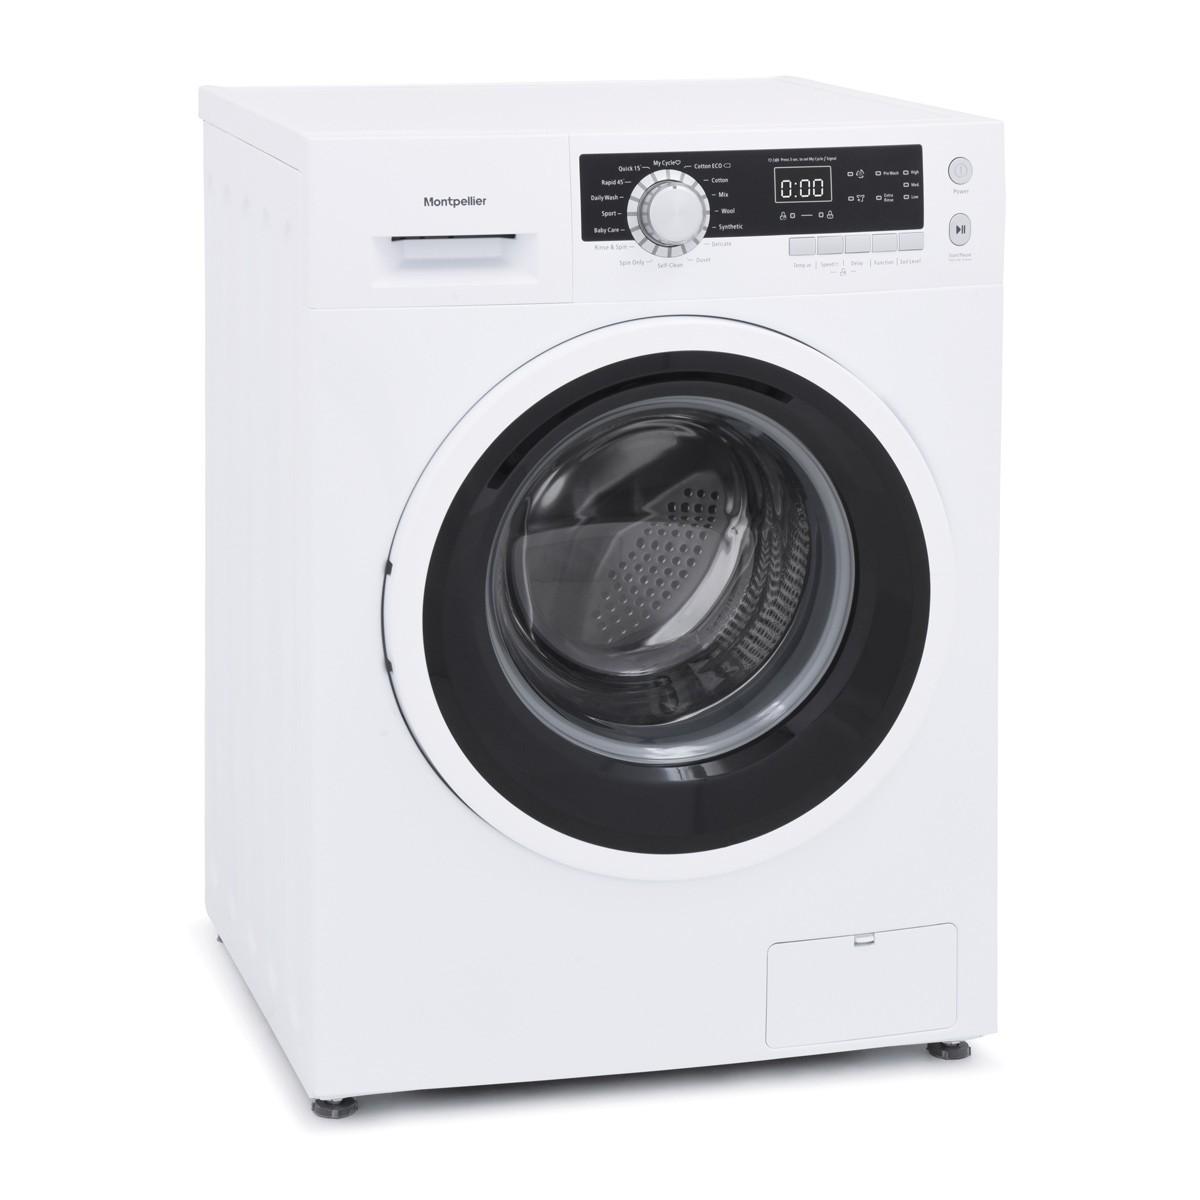 Montpellier MW9140P 9kg 1400rpm Washing Machine